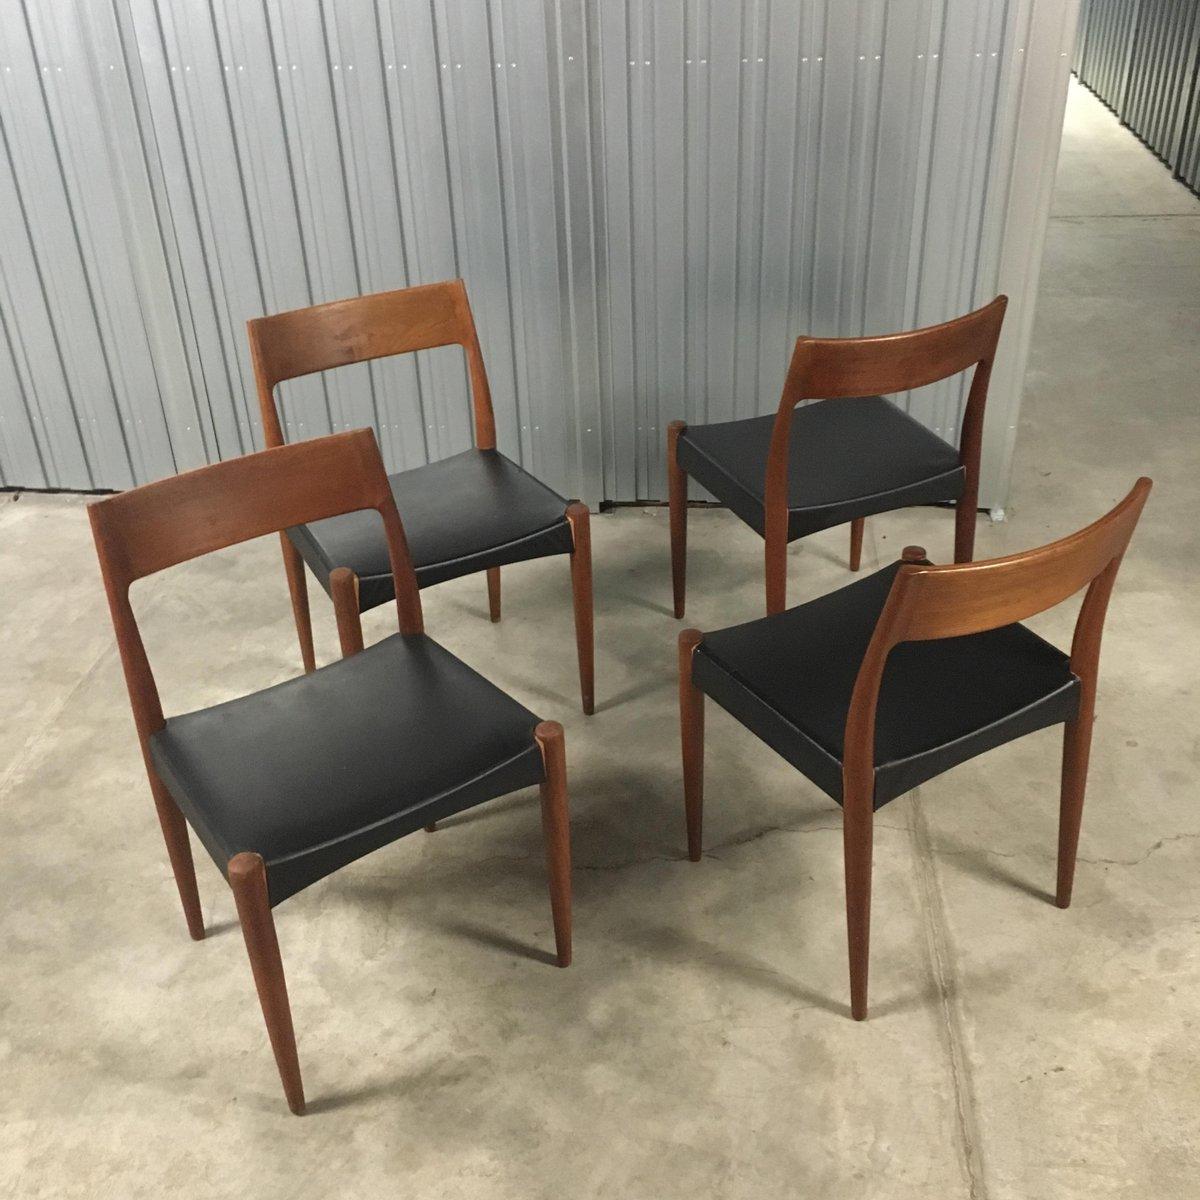 d nisches teak esszimmer set von arne hovmand olsen f r mogens kold 1950er bei pamono kaufen. Black Bedroom Furniture Sets. Home Design Ideas